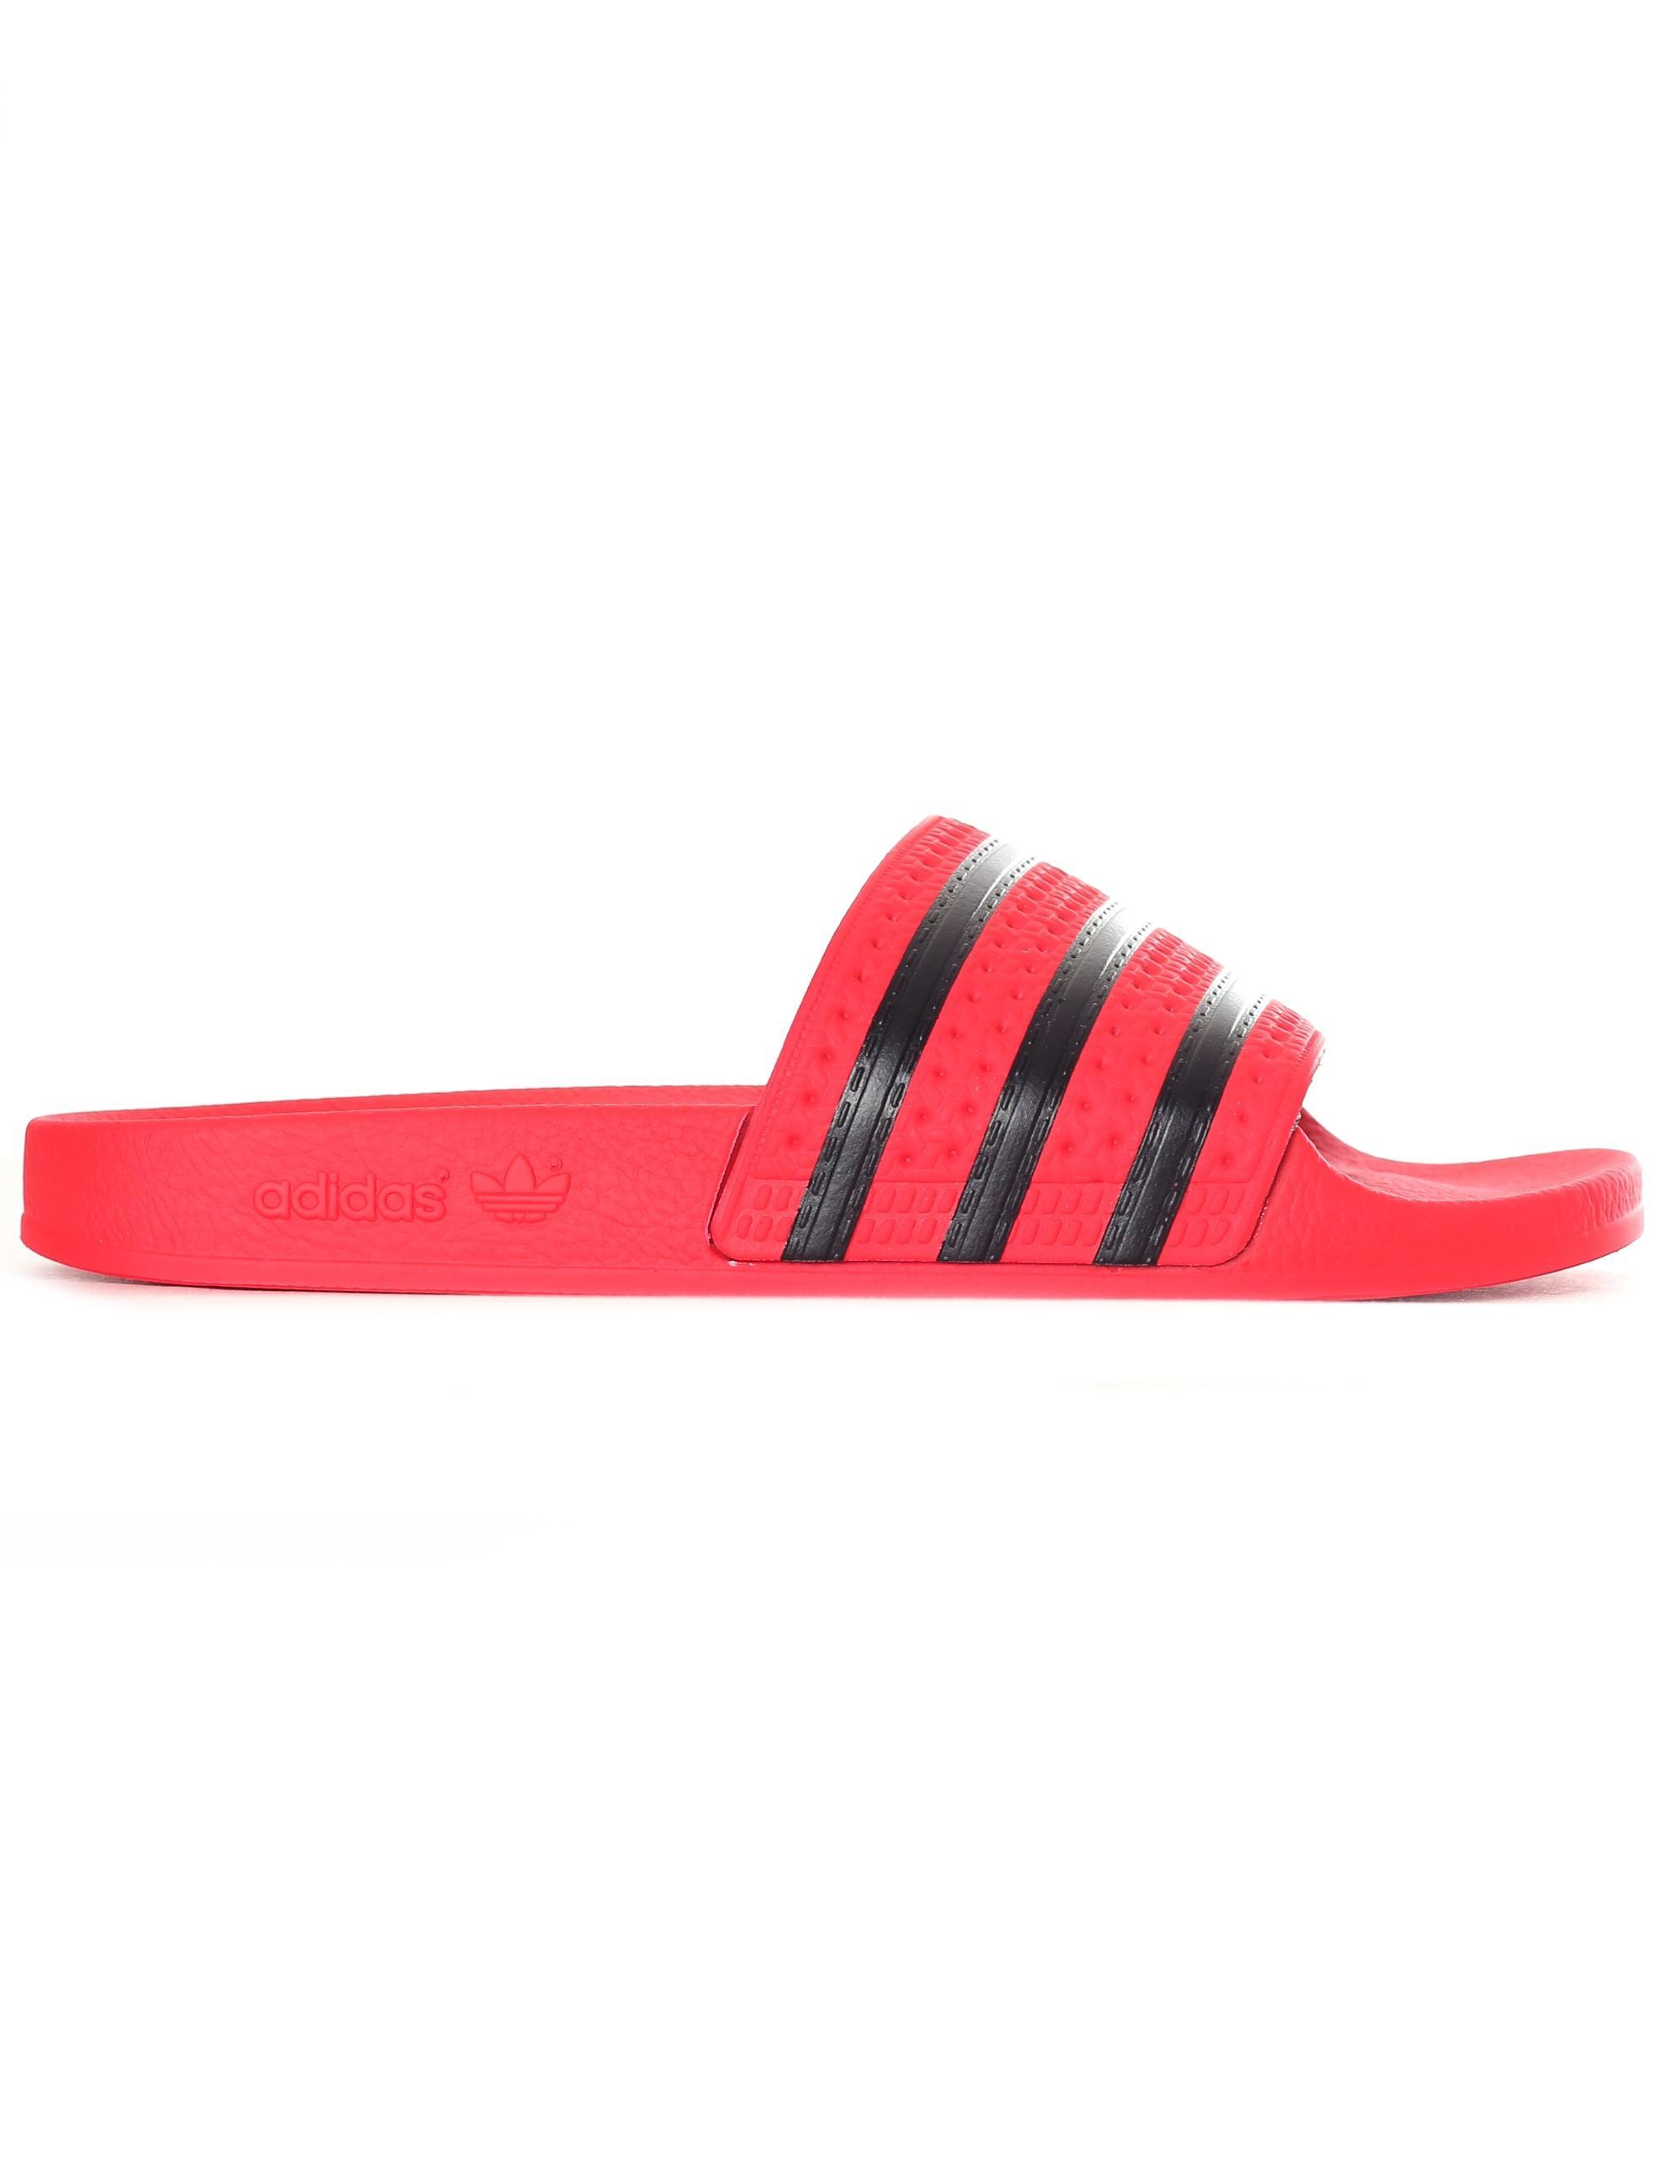 watch 2e78f afbaf Adidas - Pink Adilette Sliders - Lyst. View fullscreen